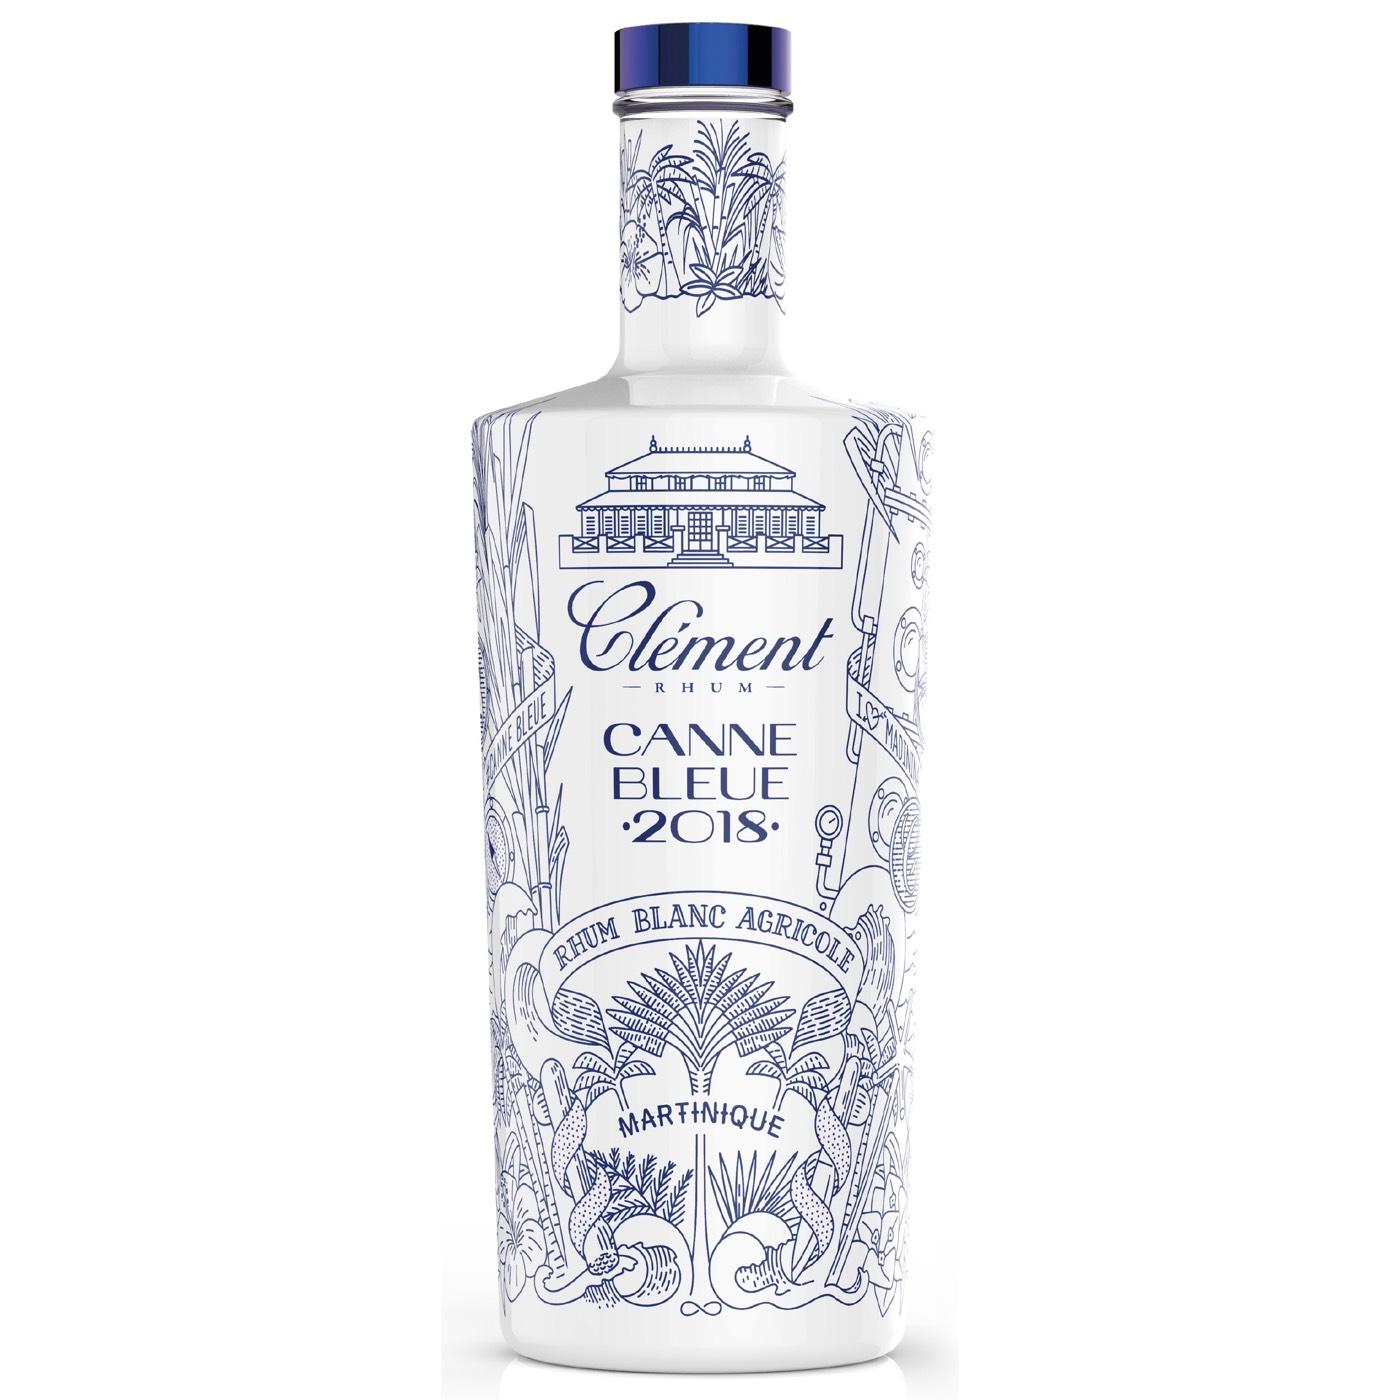 Bottle image of Clément Canne Bleue